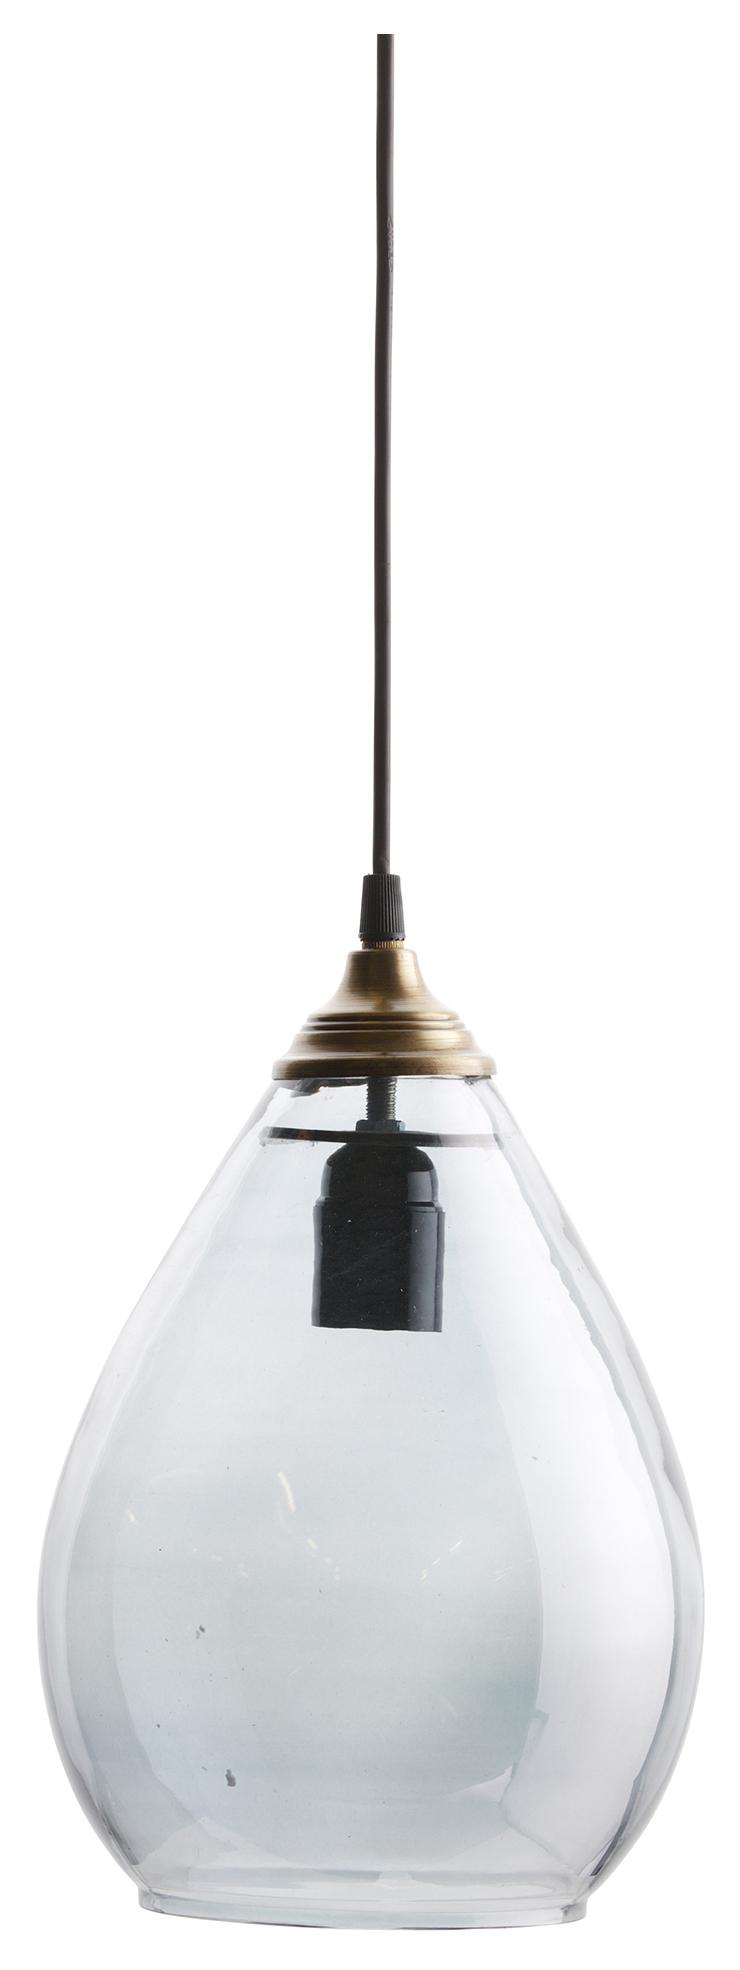 BePureHome Hanglamp 'Simple' Glas Large, kleur Grijs Verlichting | Hanglampen kopen